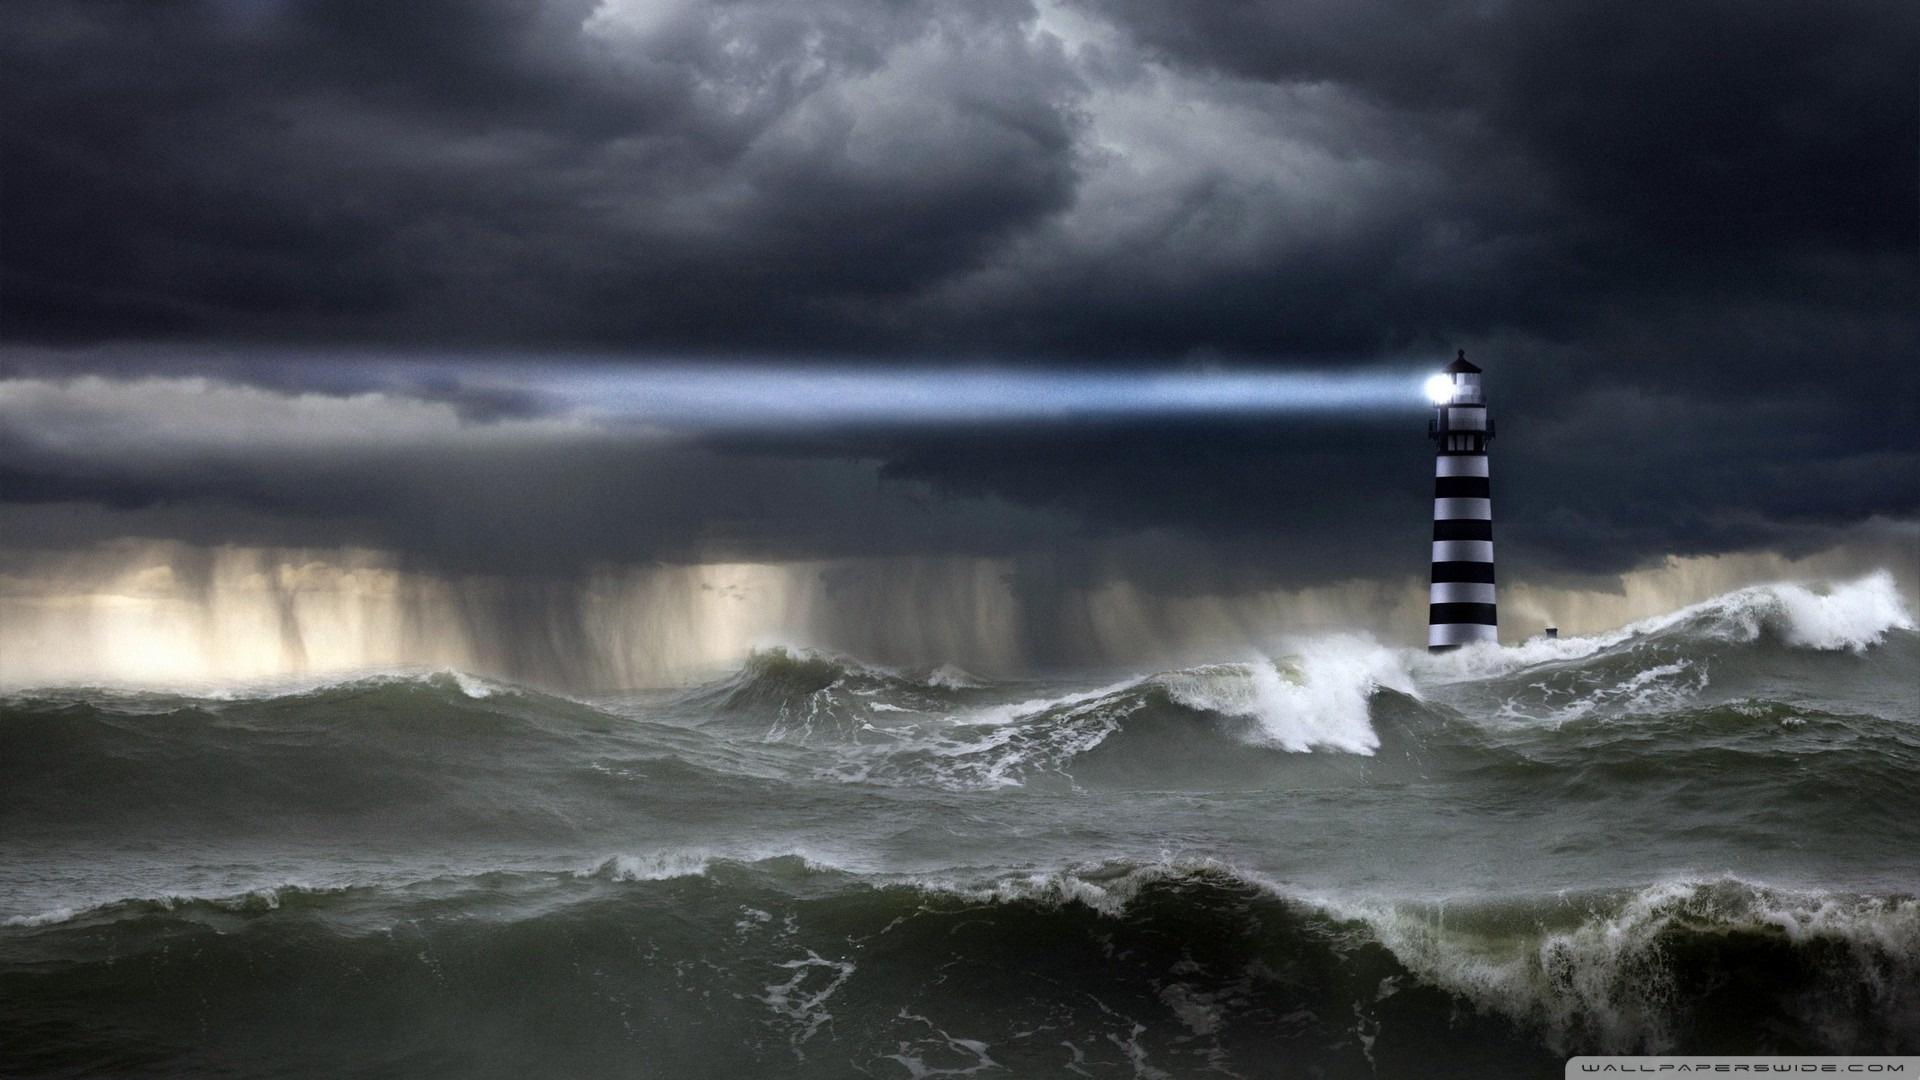 Sea Storm wallpaper 1920x1080 8029 1920x1080